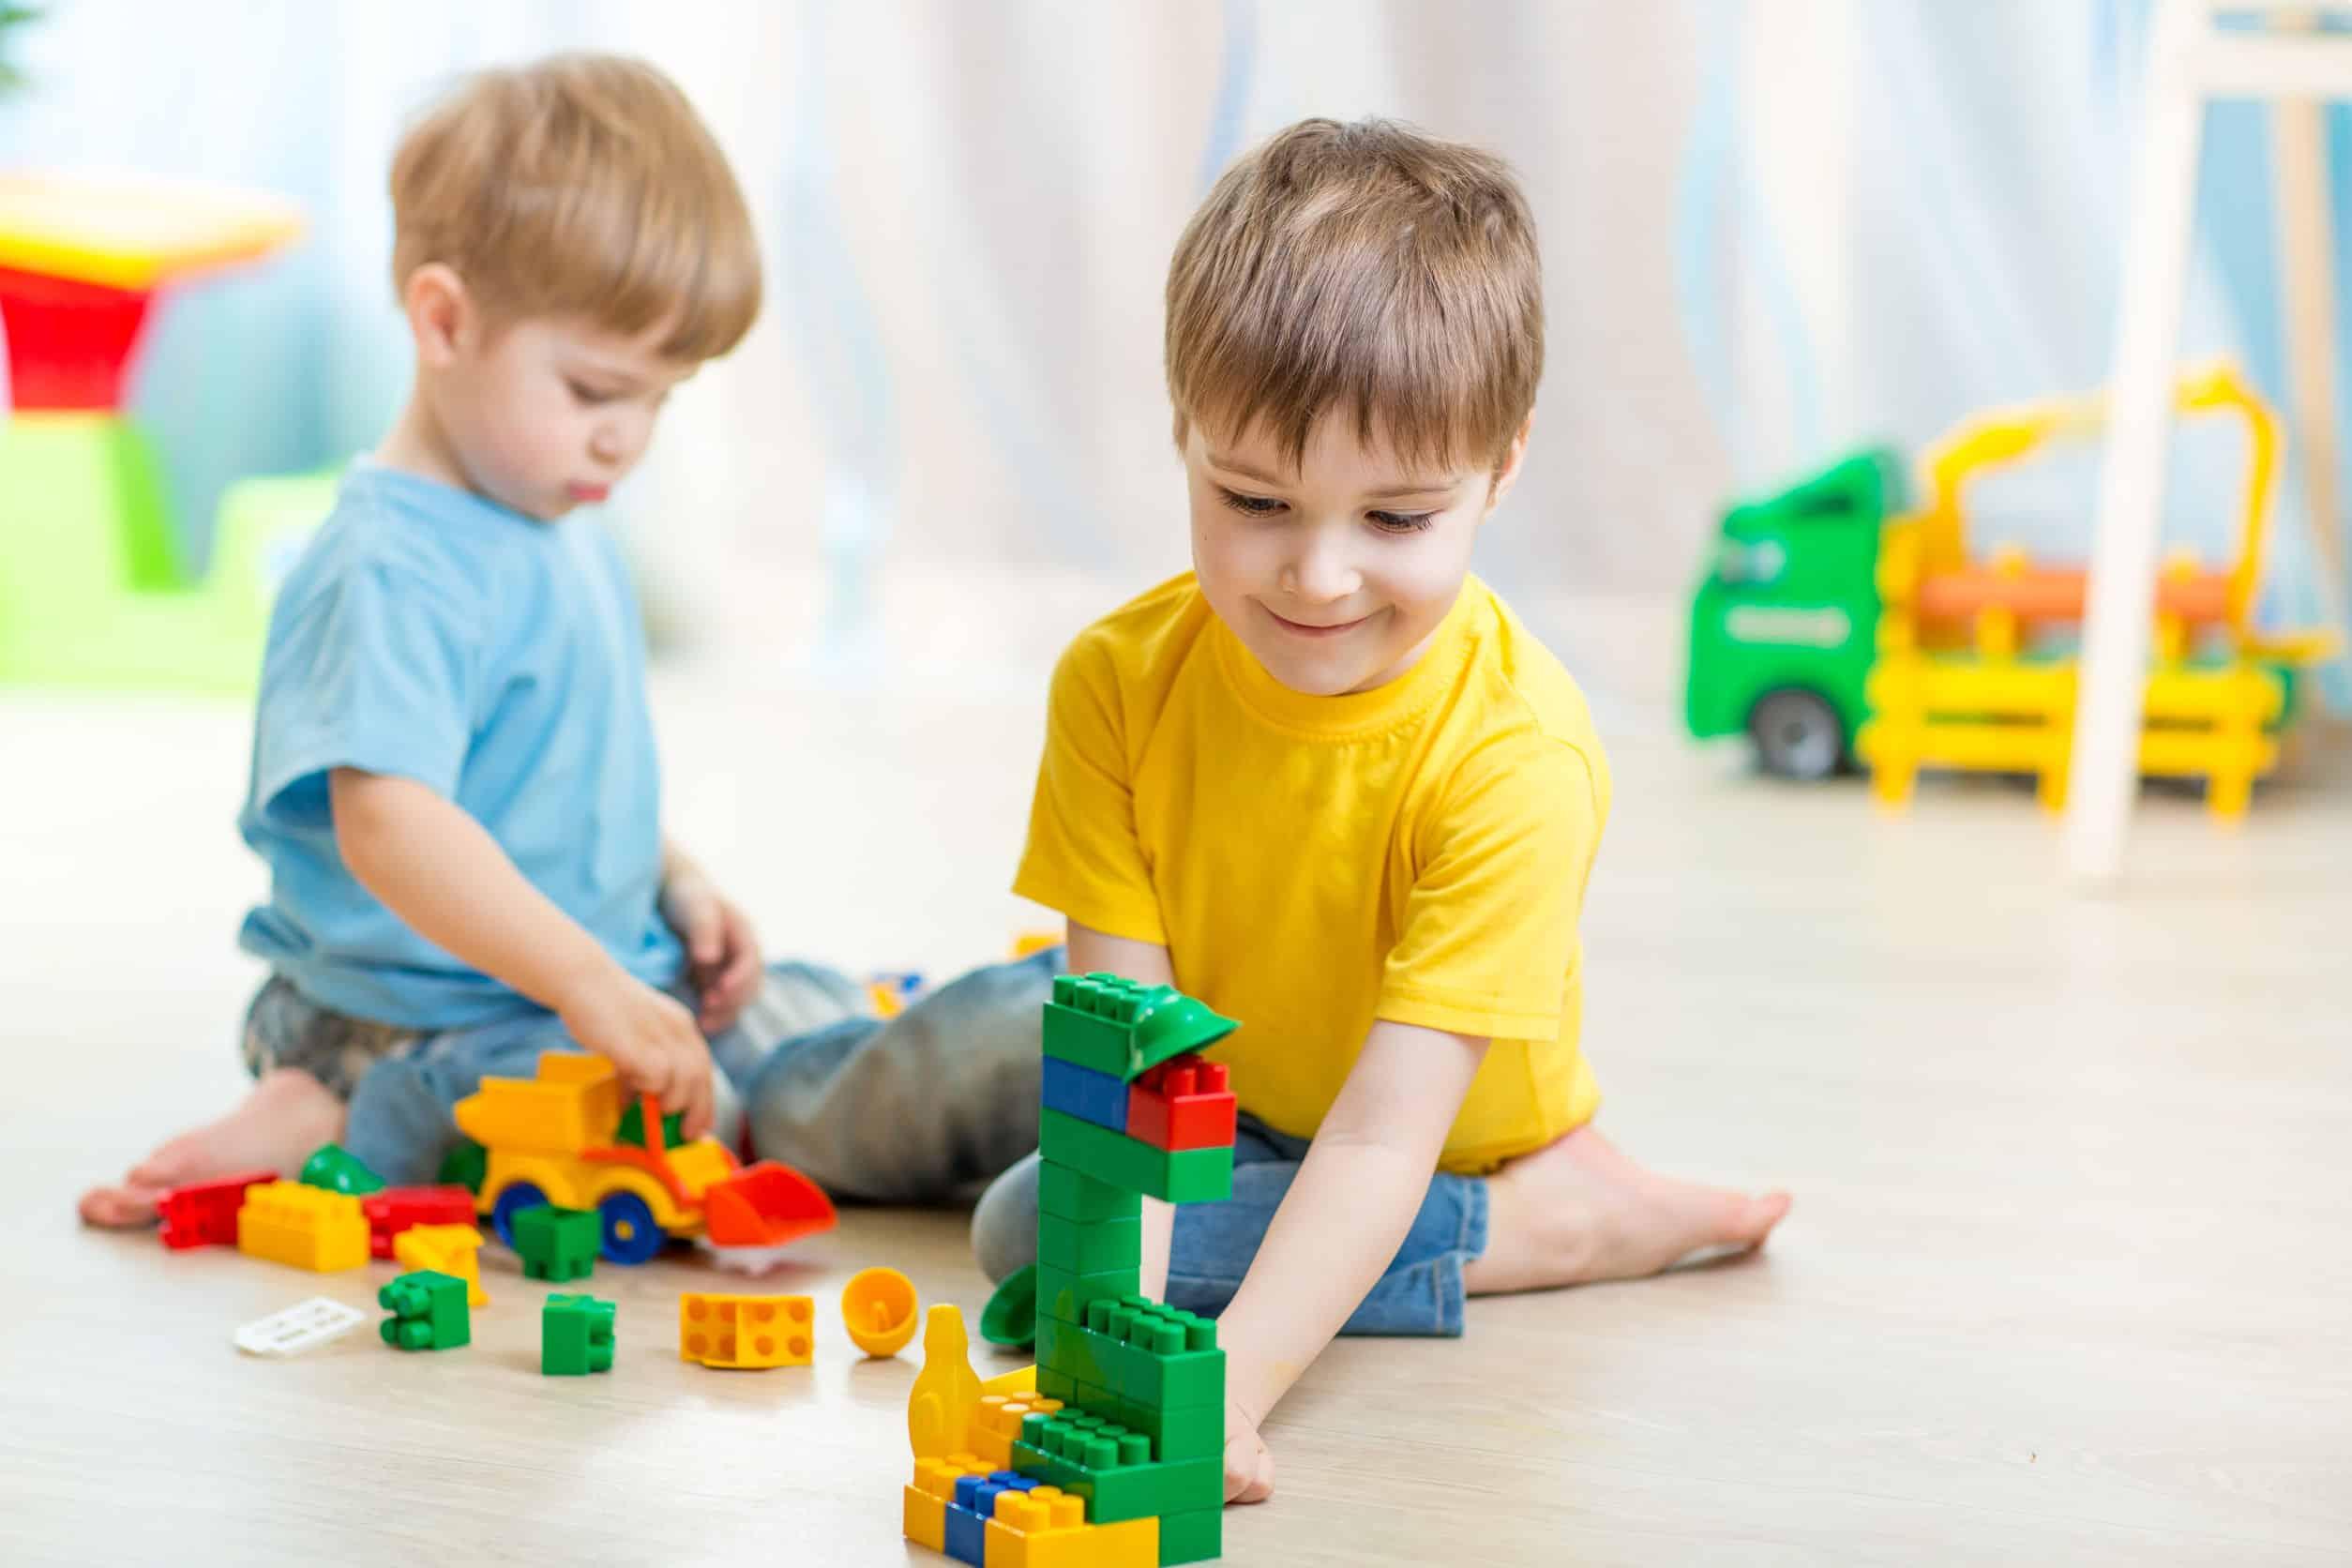 Imagem de dois meninos sentados no chão brincando com lego.